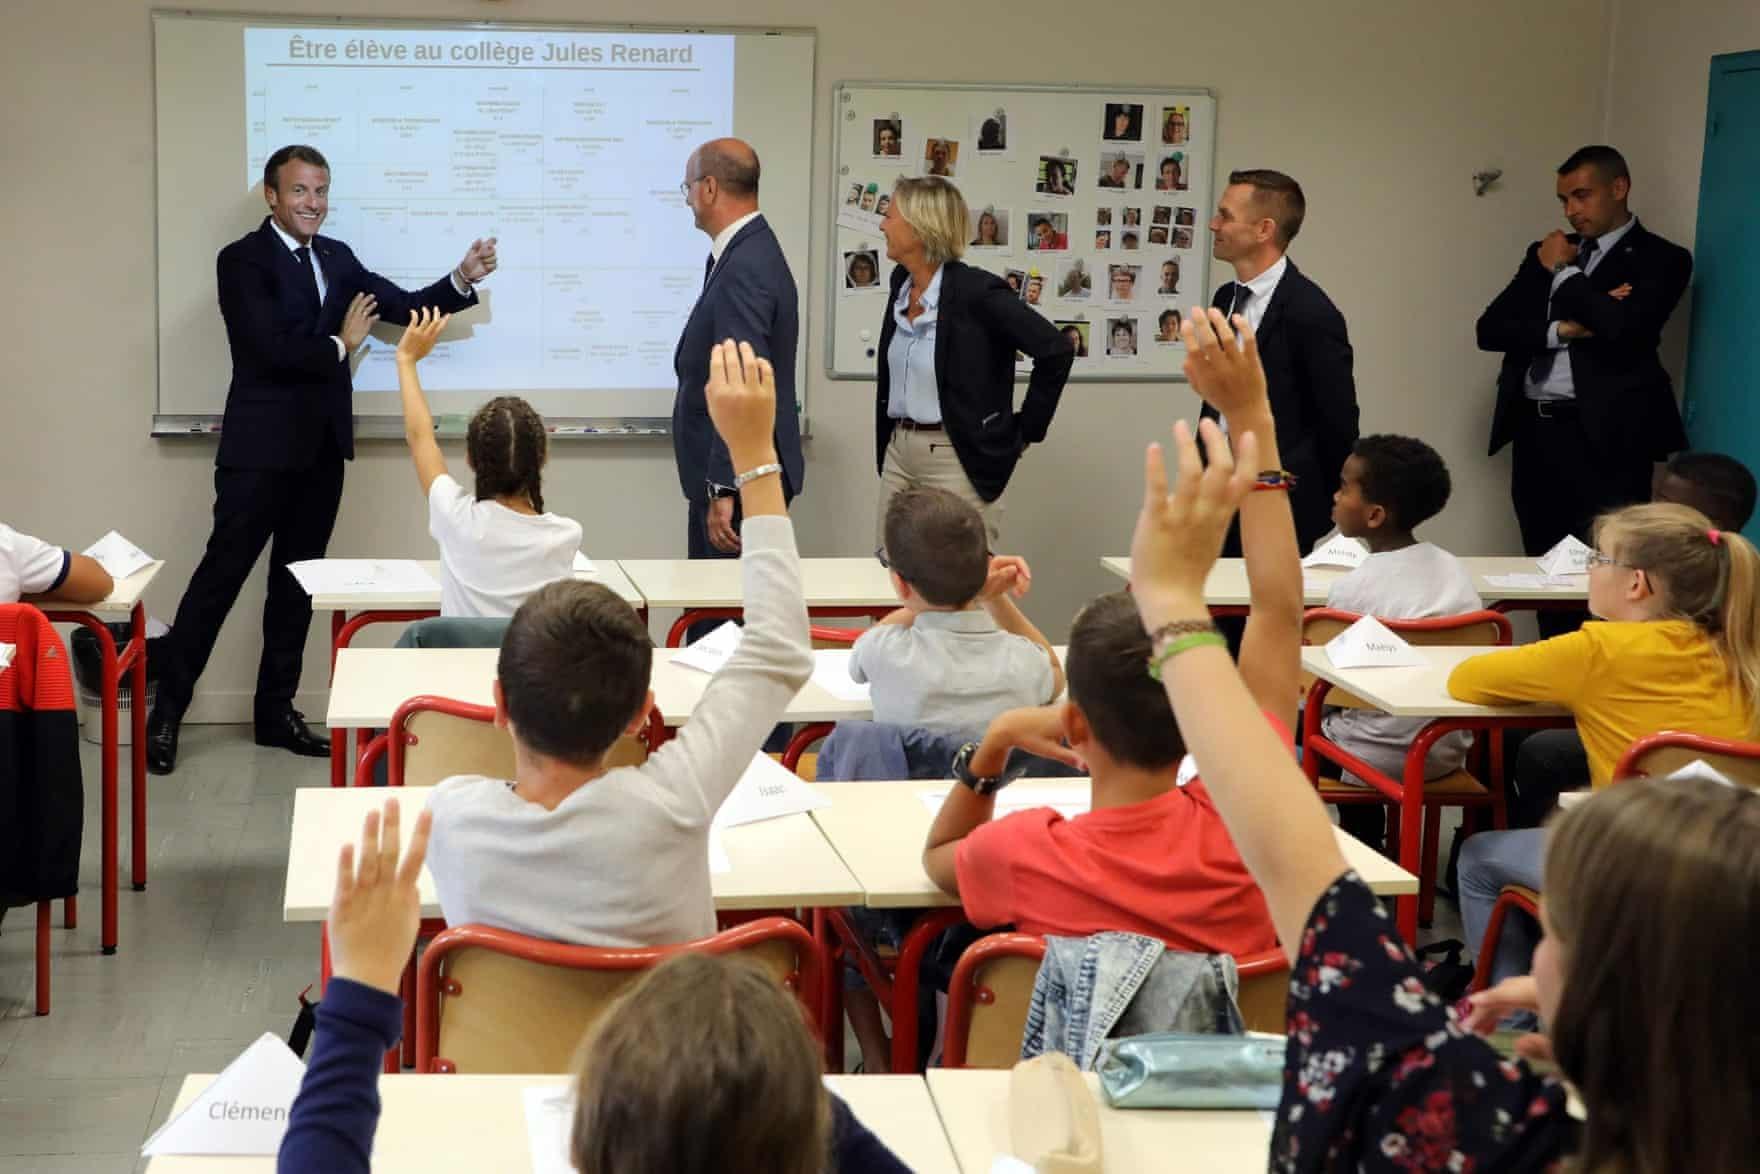 عکس روز: مکرون در کلاس